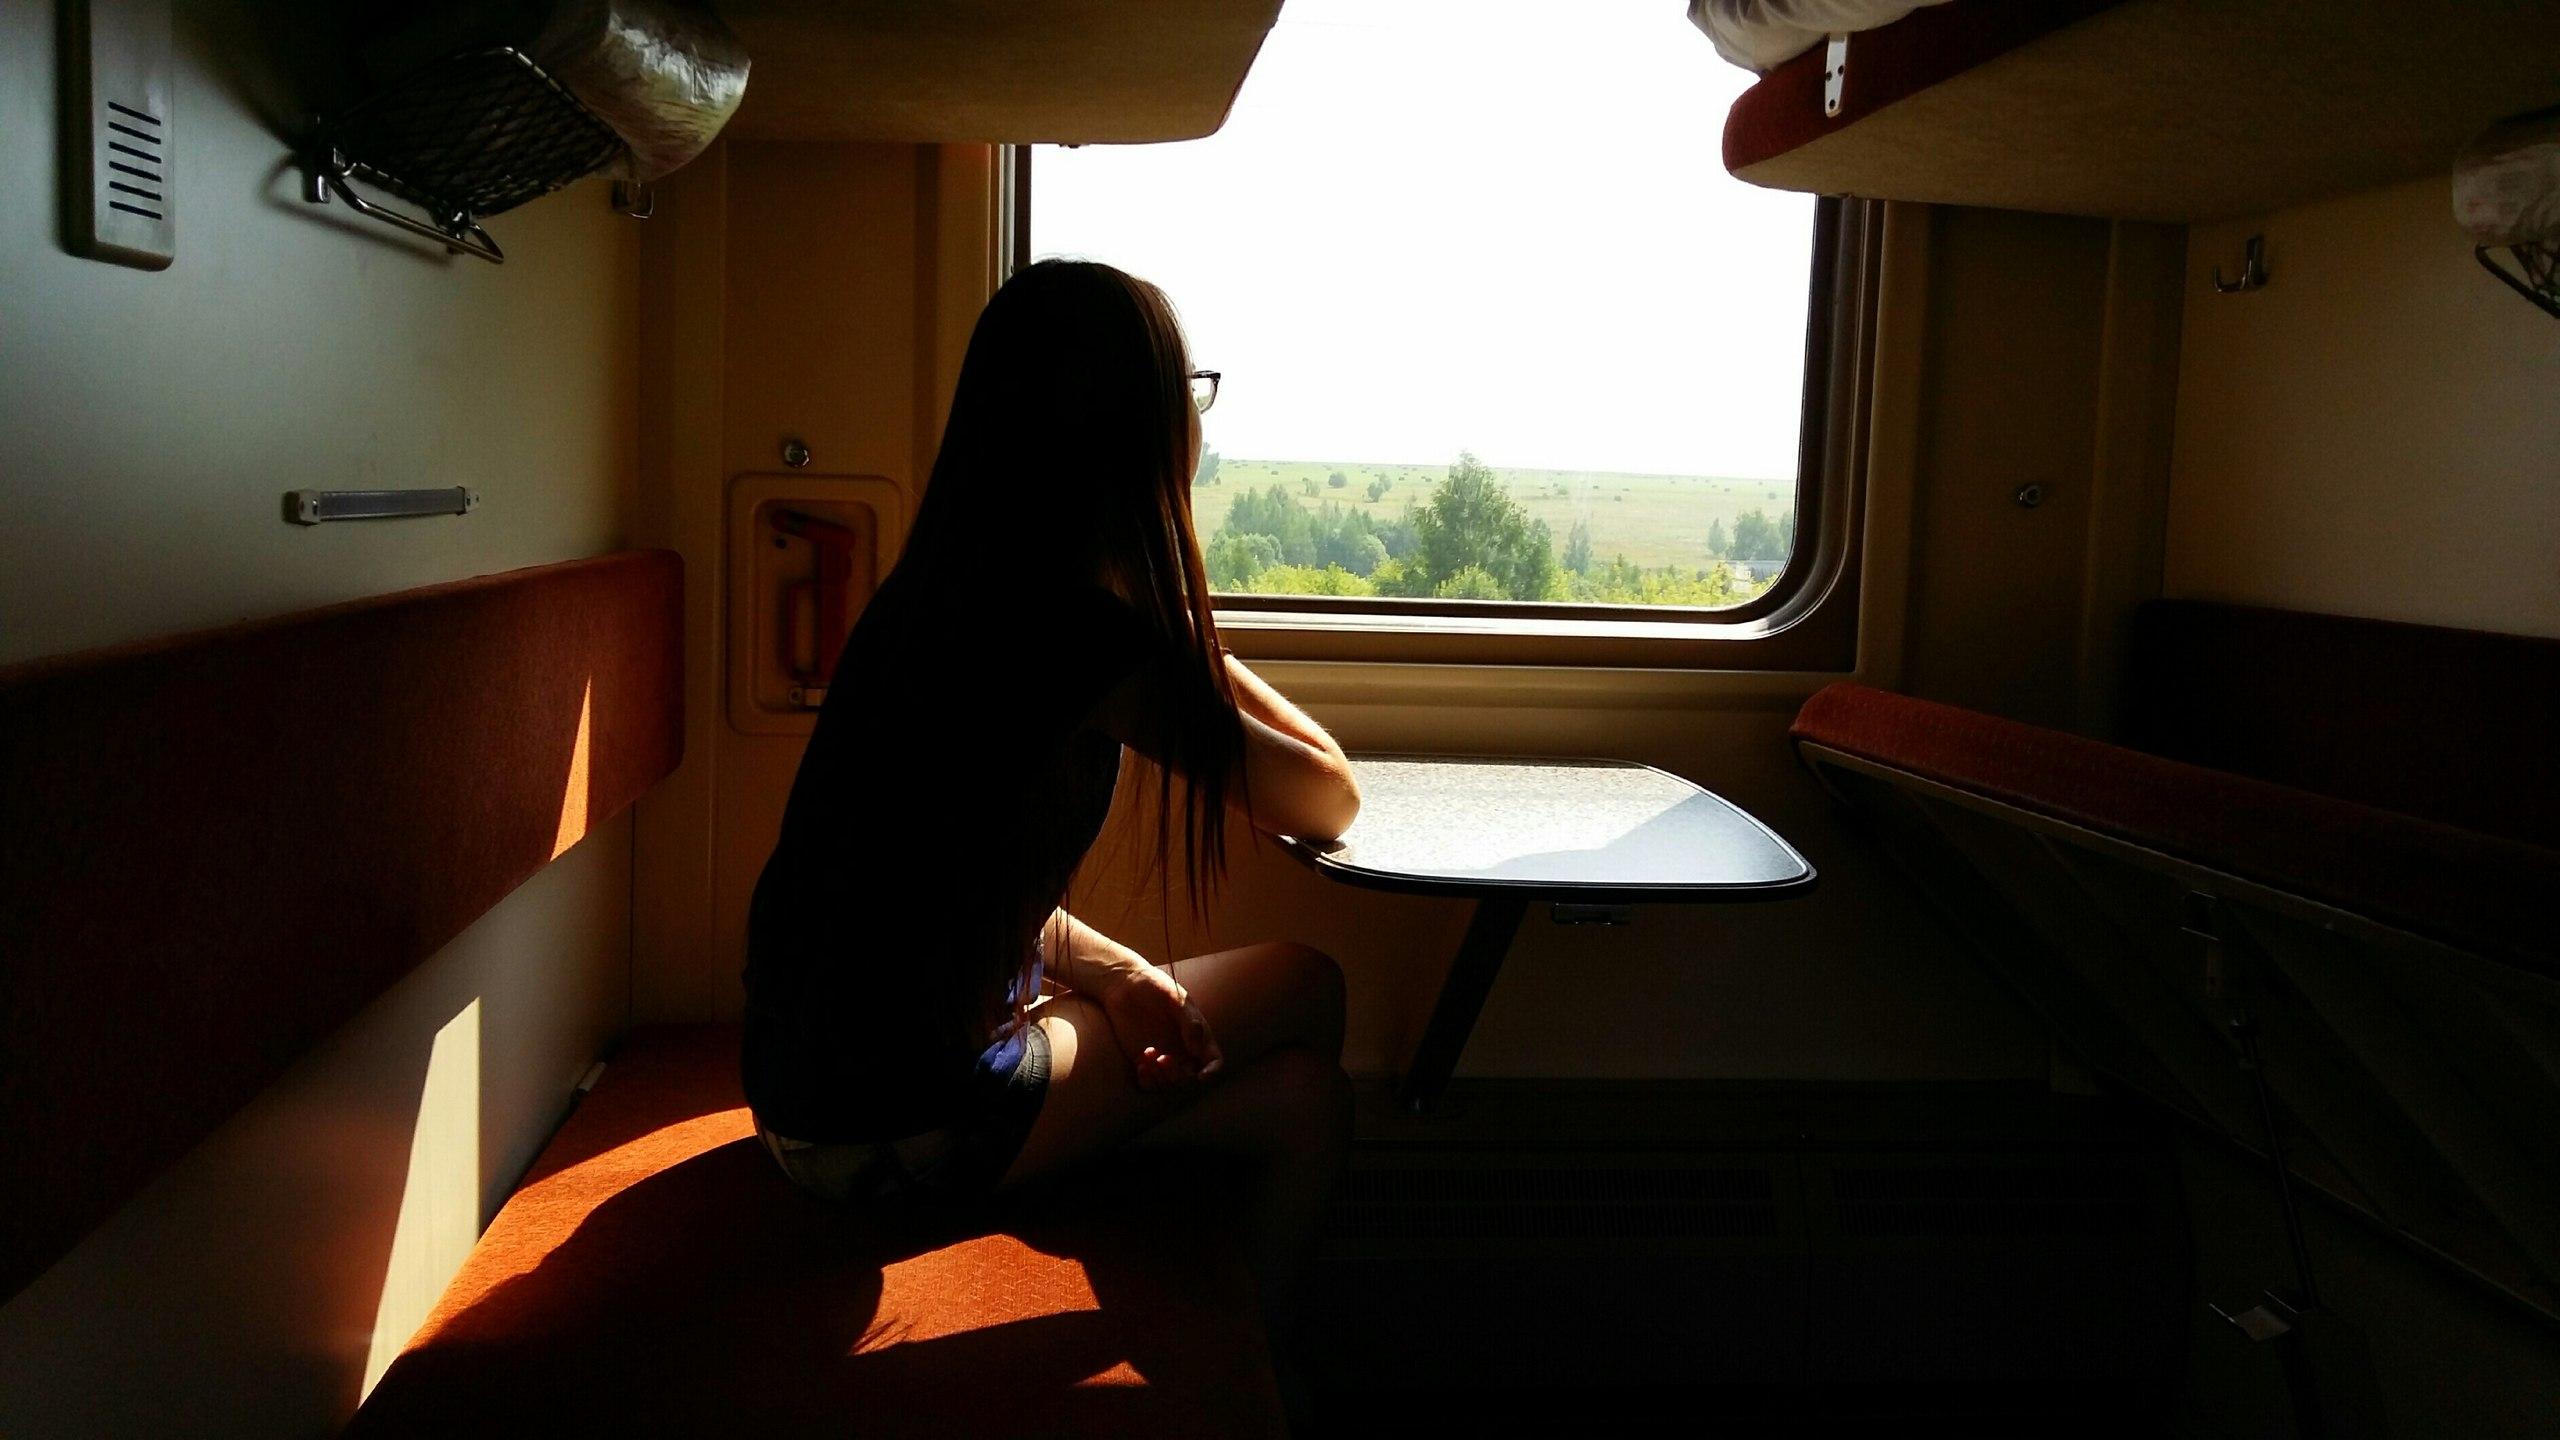 ктонить стоящую у окна вагона девушку трахнули видео играла